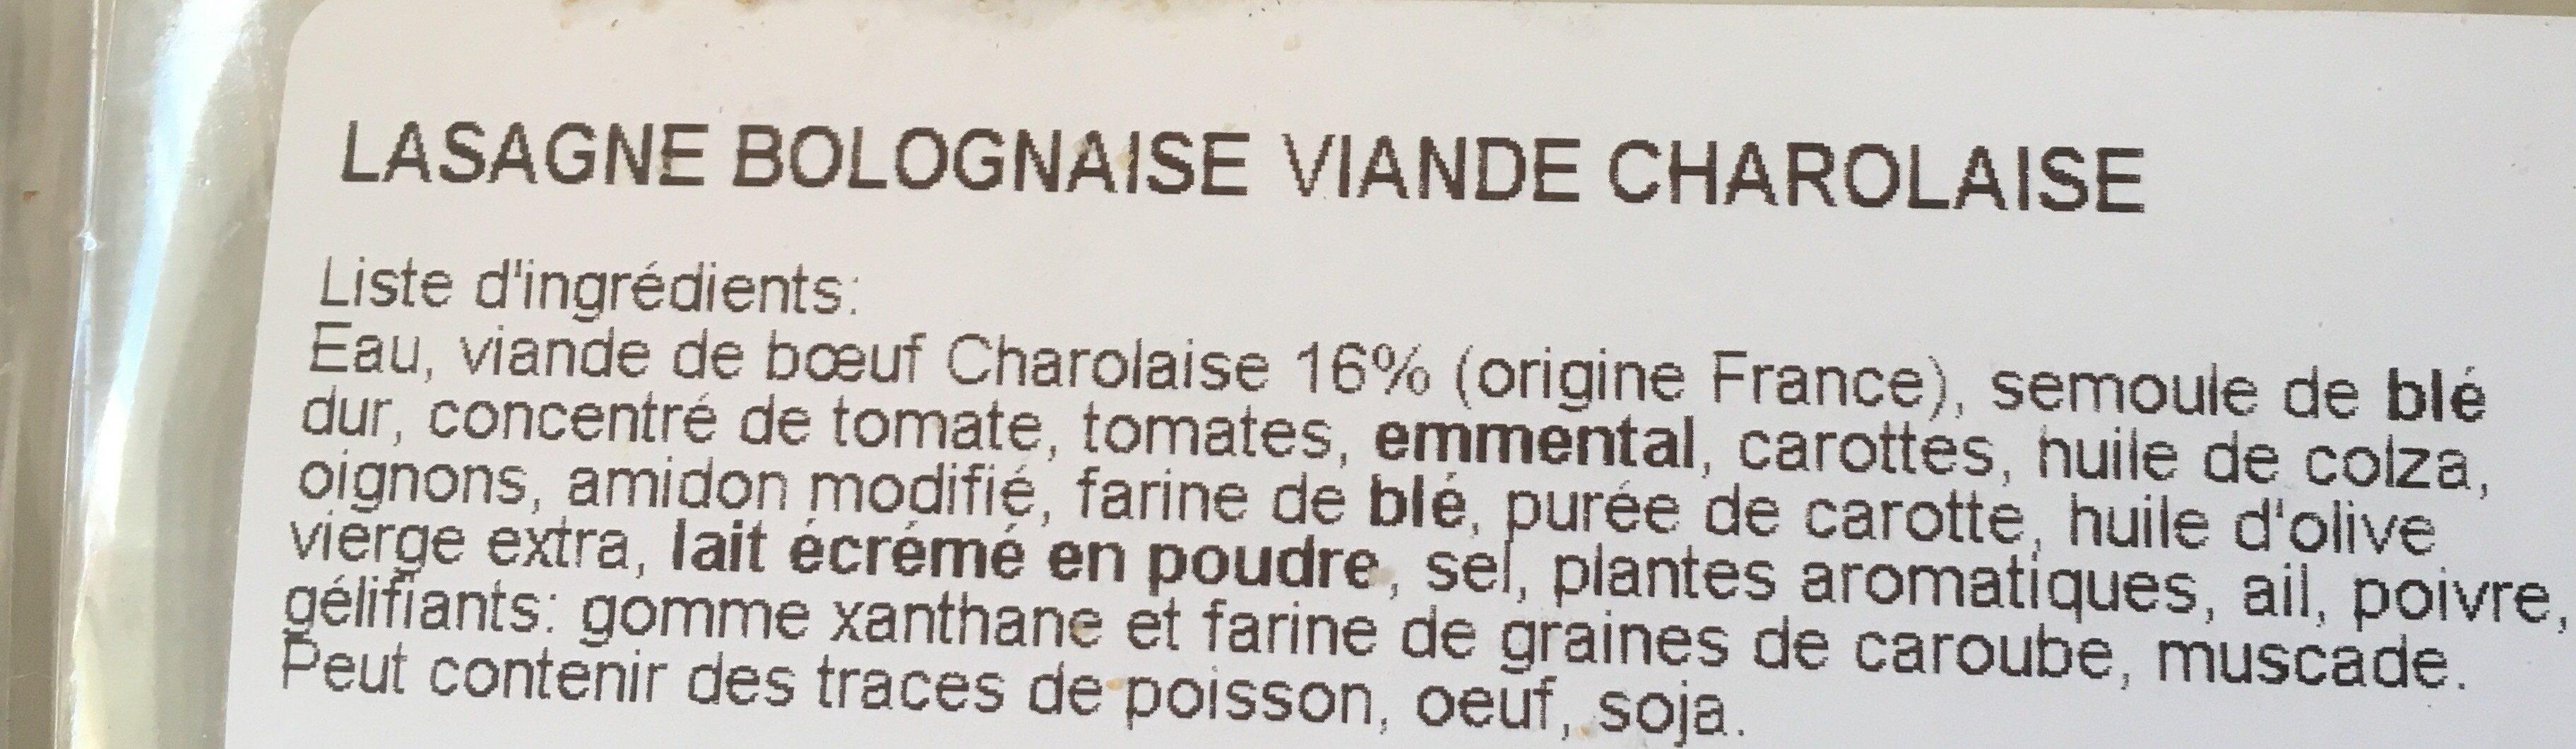 Lasagne Bolognaise au Bœuf - Ingrédients - fr